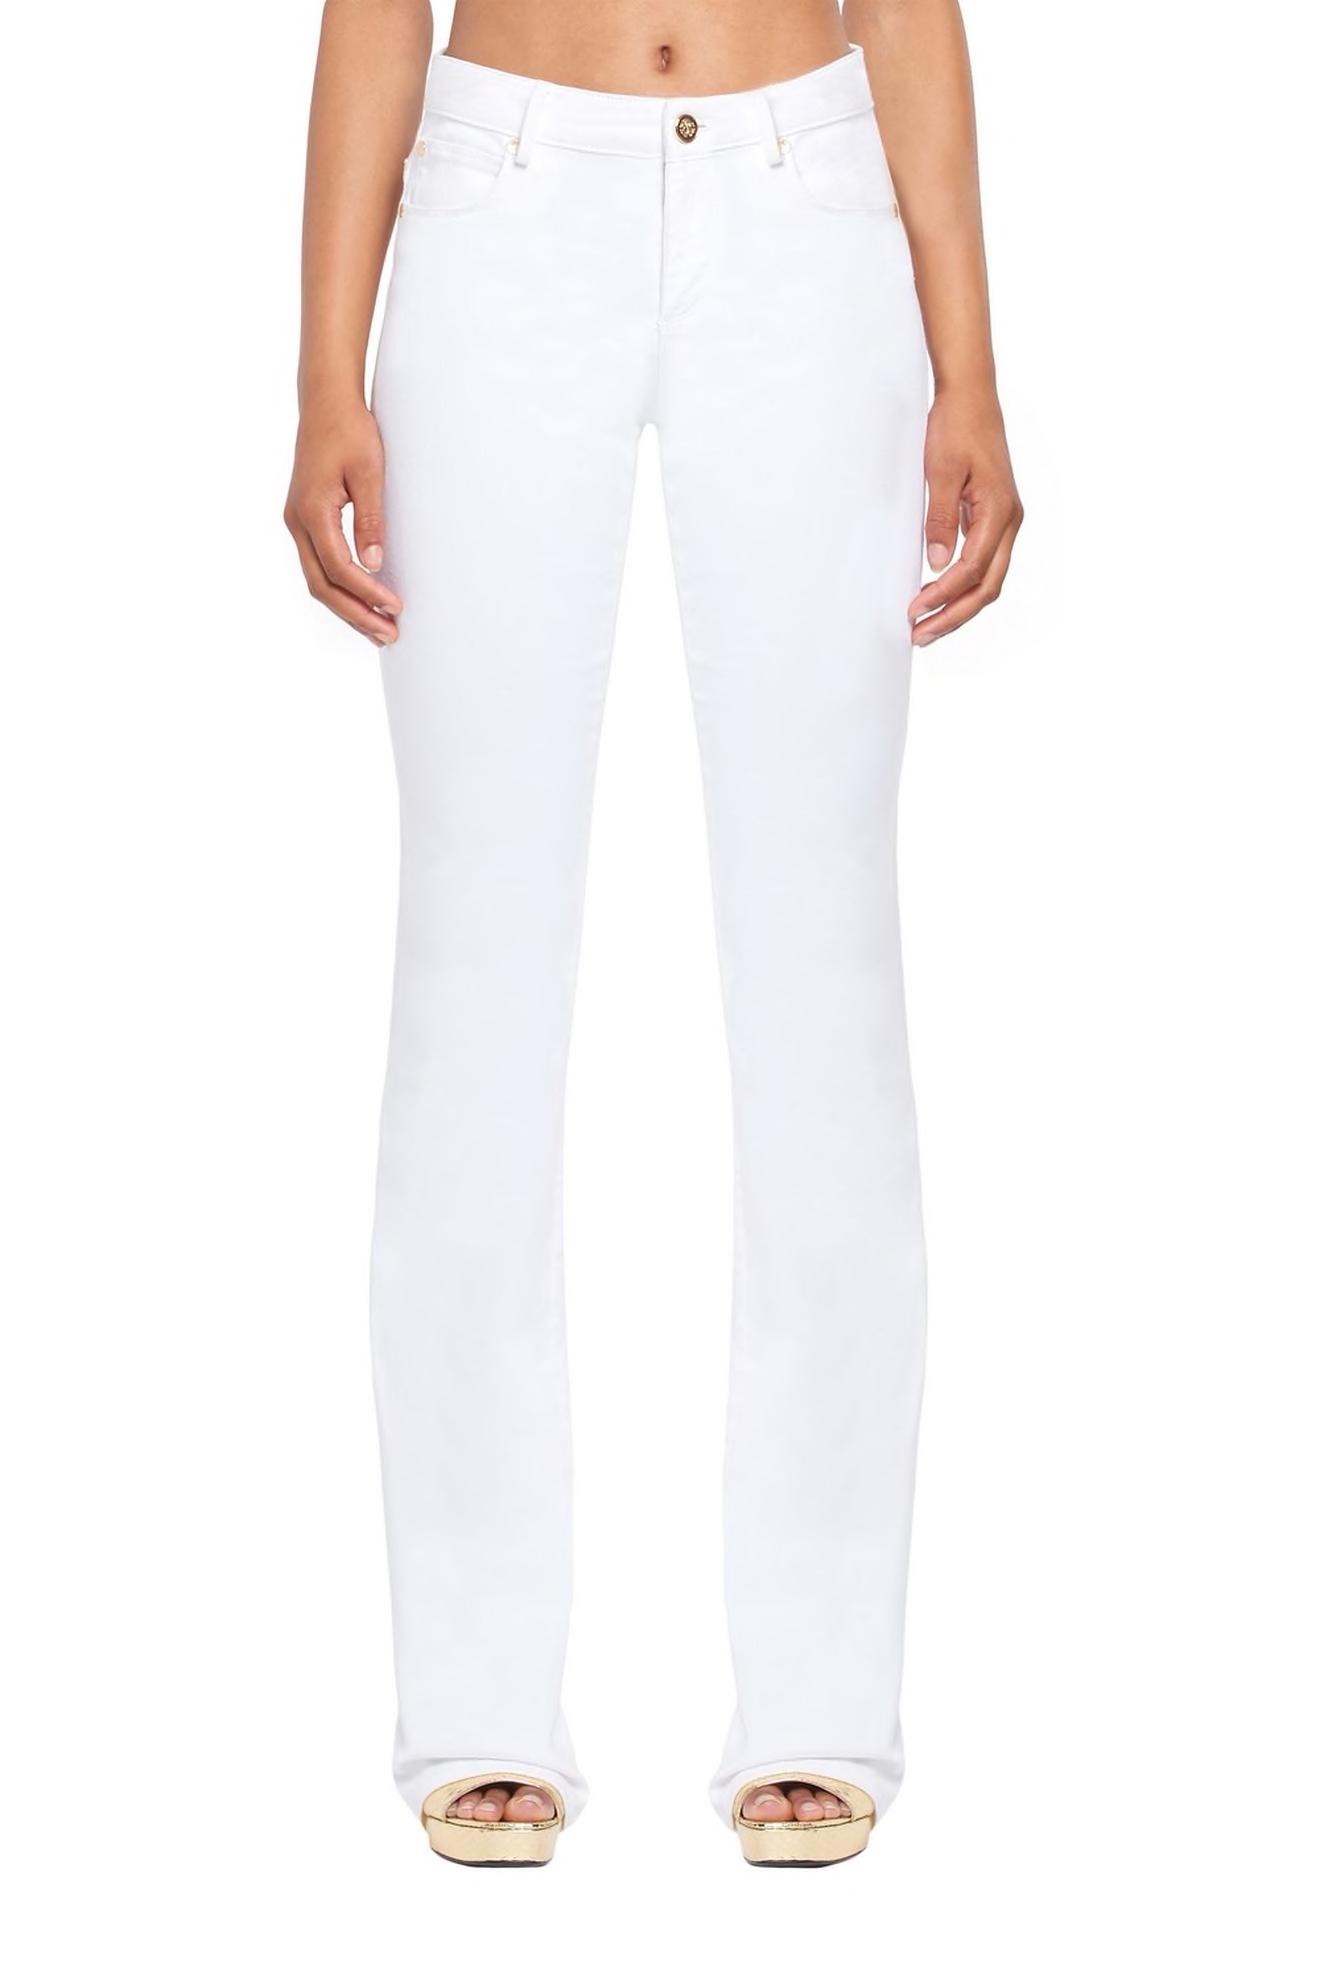 roberto-cavalli-white-flared-jeans_13150666_15611952_1320 kopiera